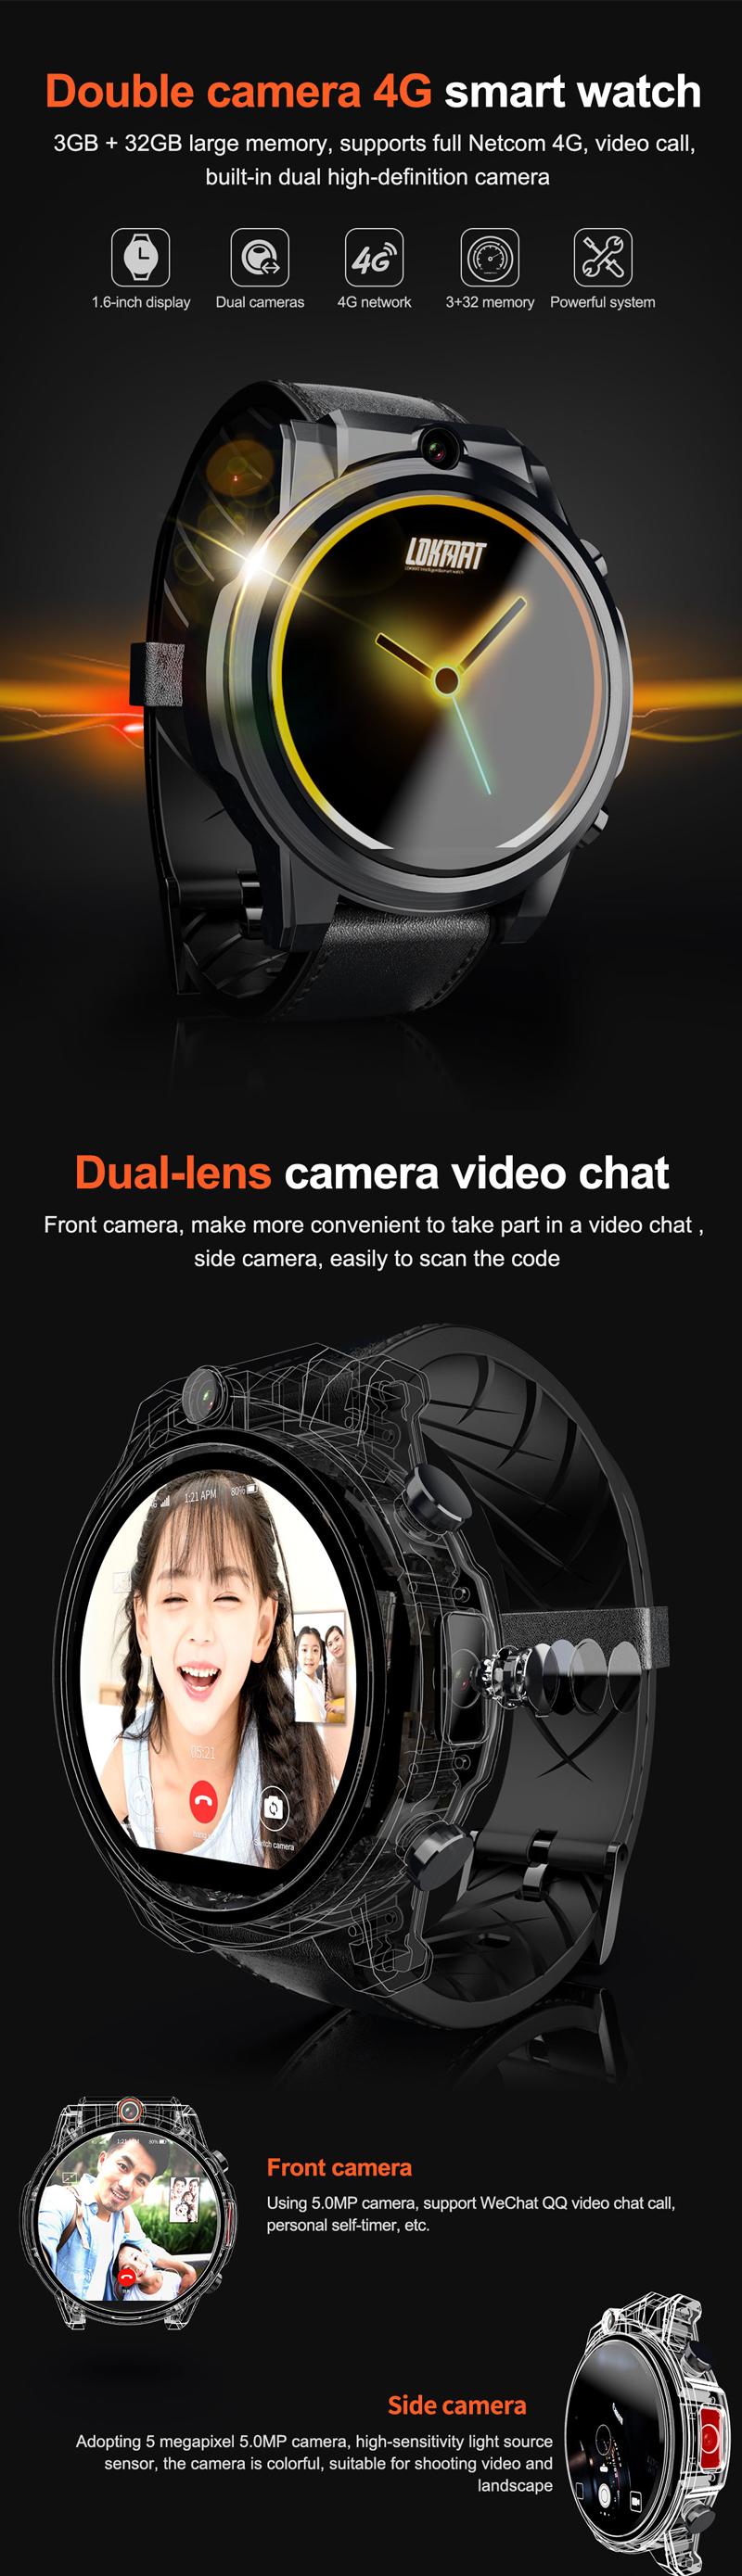 LOKMATX3604G3+32G HD камера Часы-телефон 1,6  сенсорный экран Спорт Фитнес Смарт-часы - фото 1